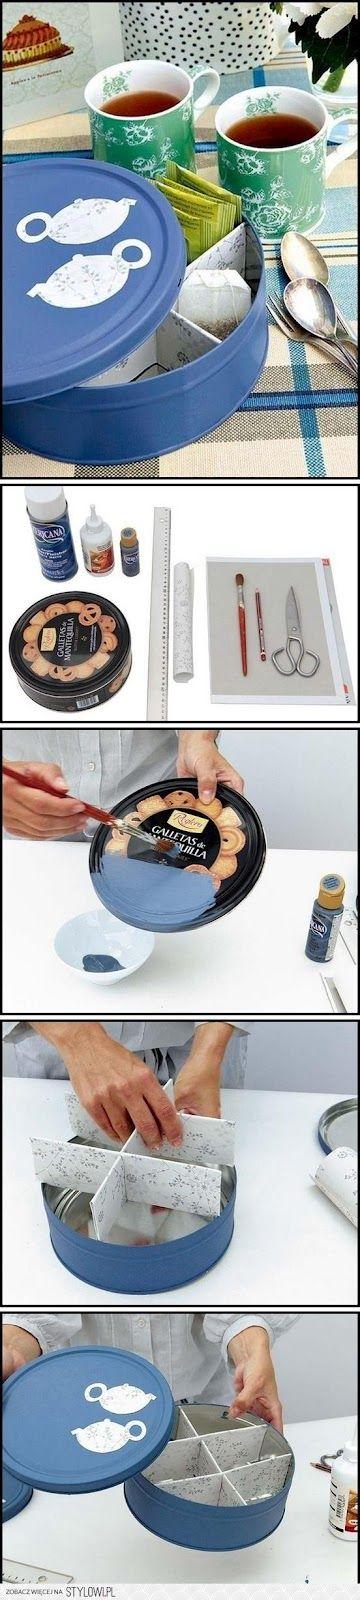 Reutilização de Latas. Como transformar uma lata comum, em uma latinha para chás.   Boa sugestão de lembrancinha...